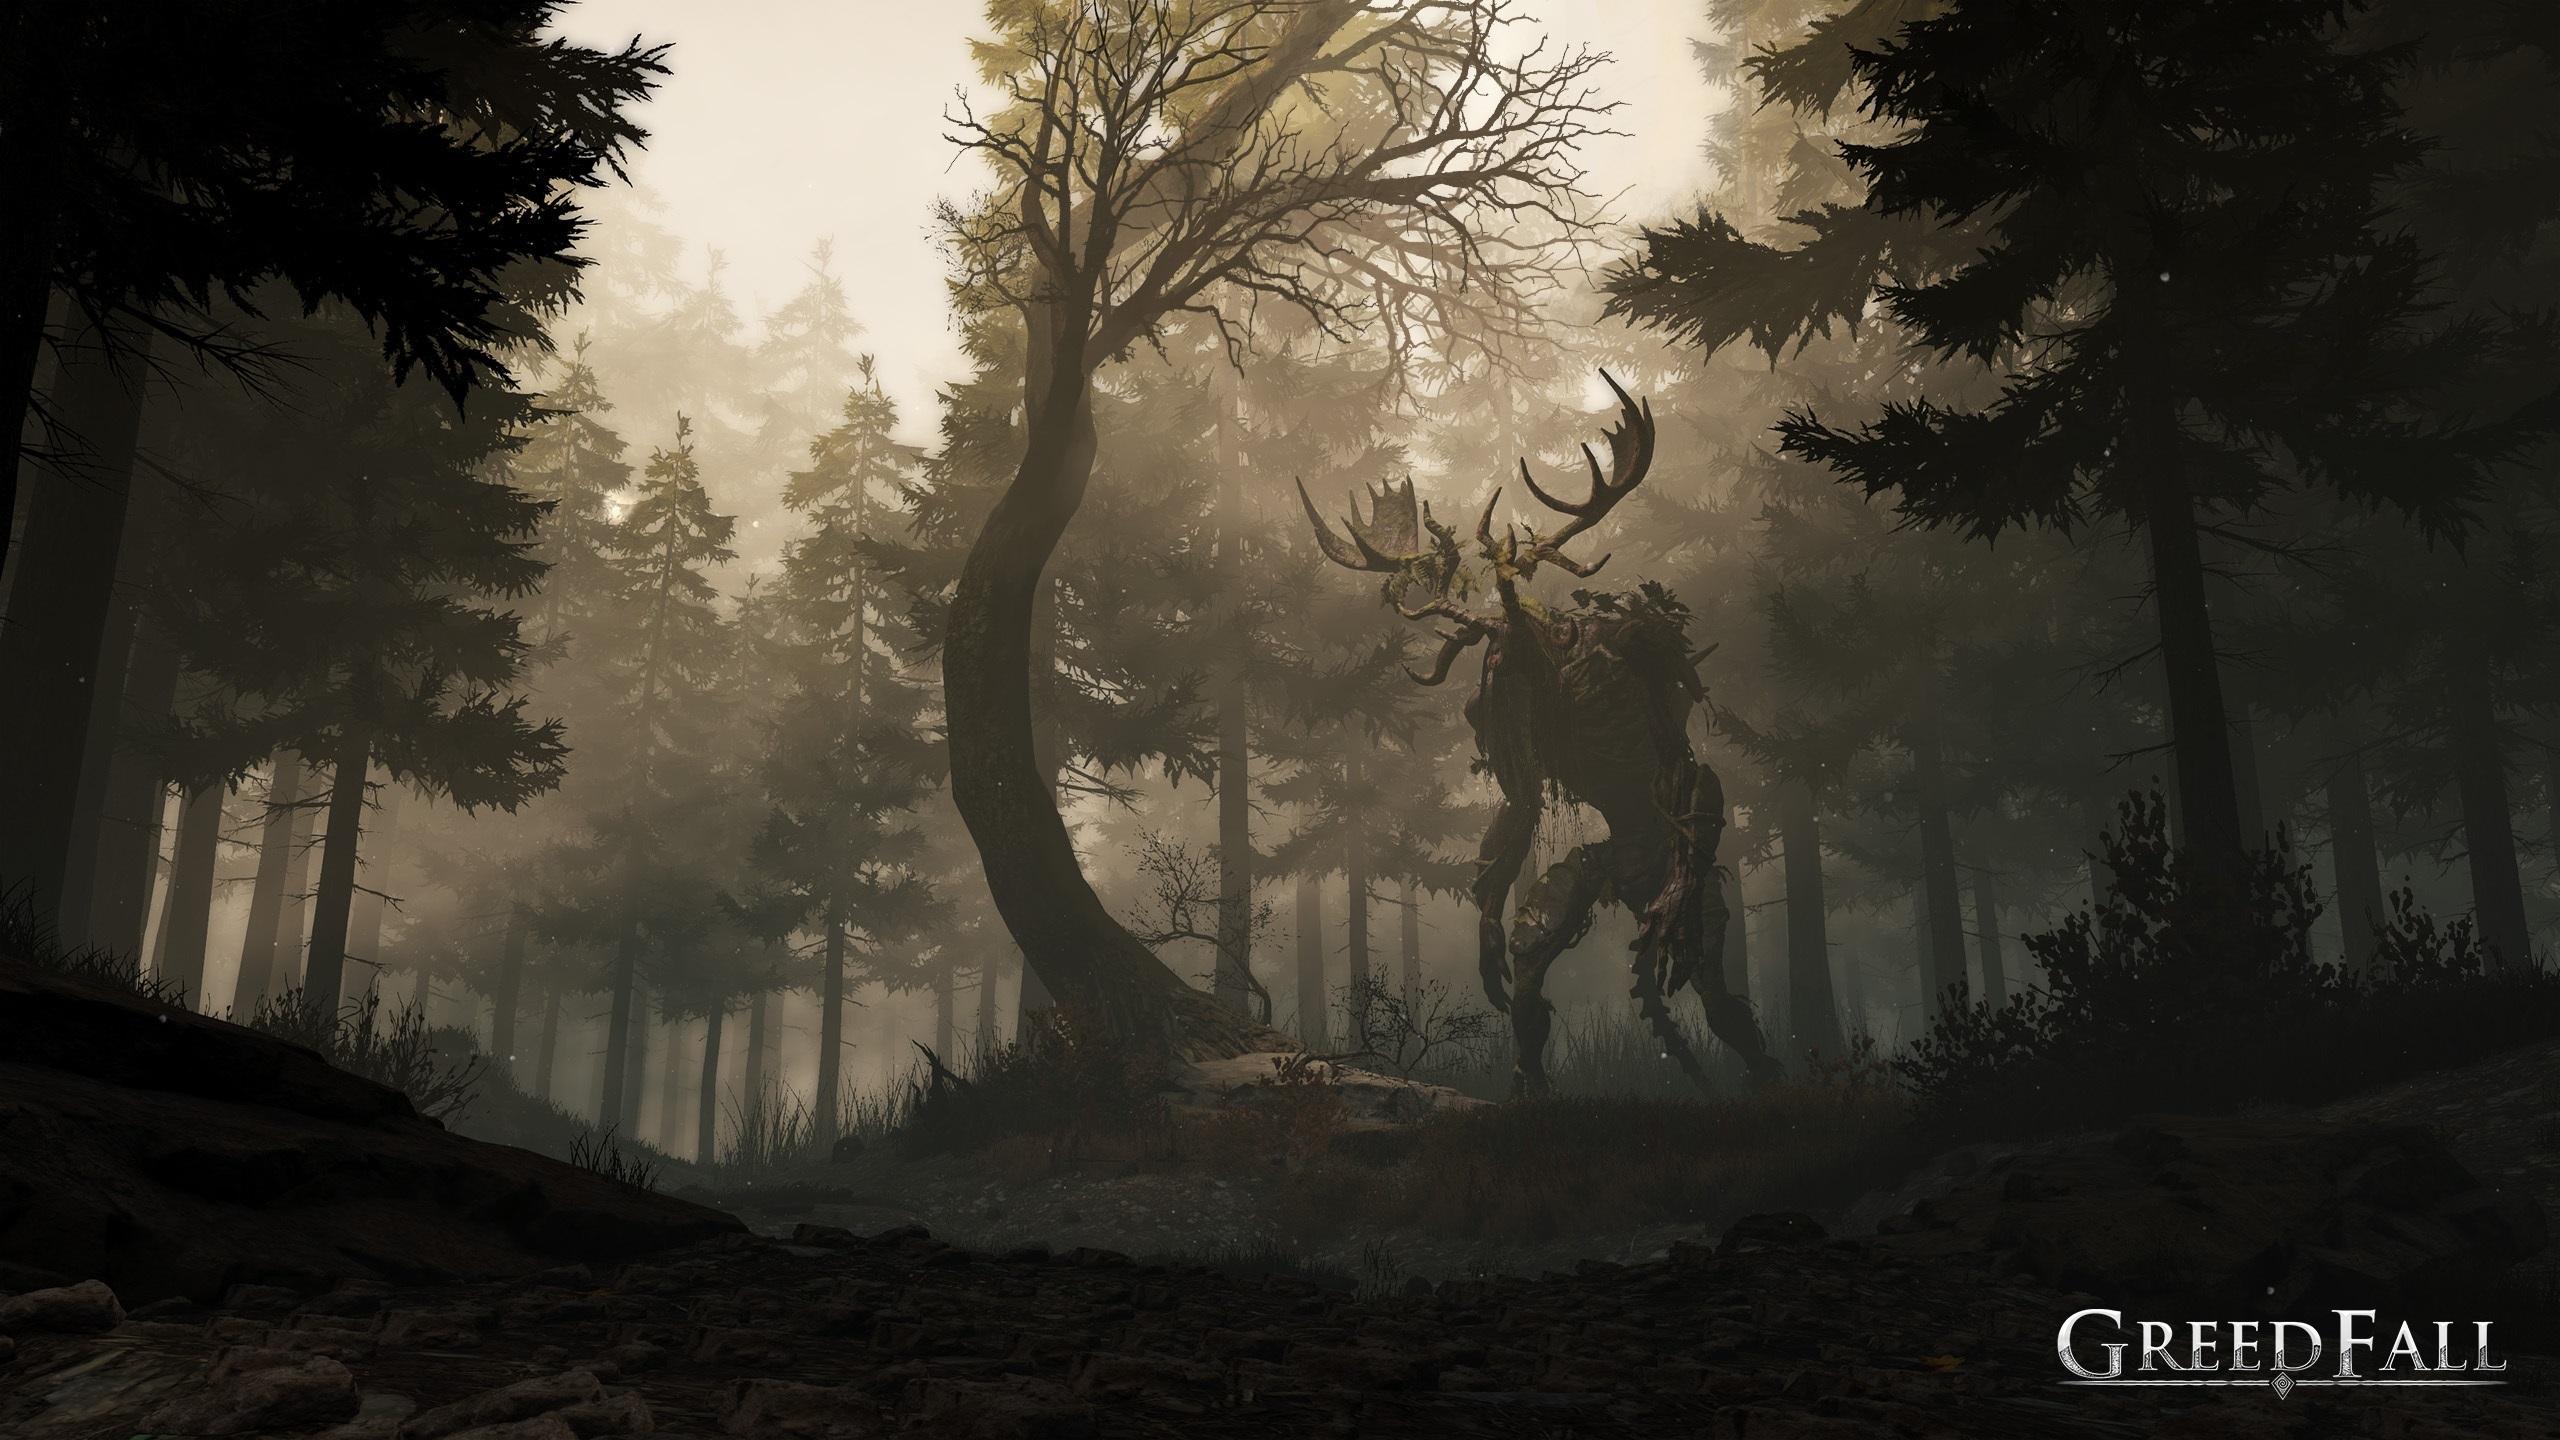 غابة GreedFall